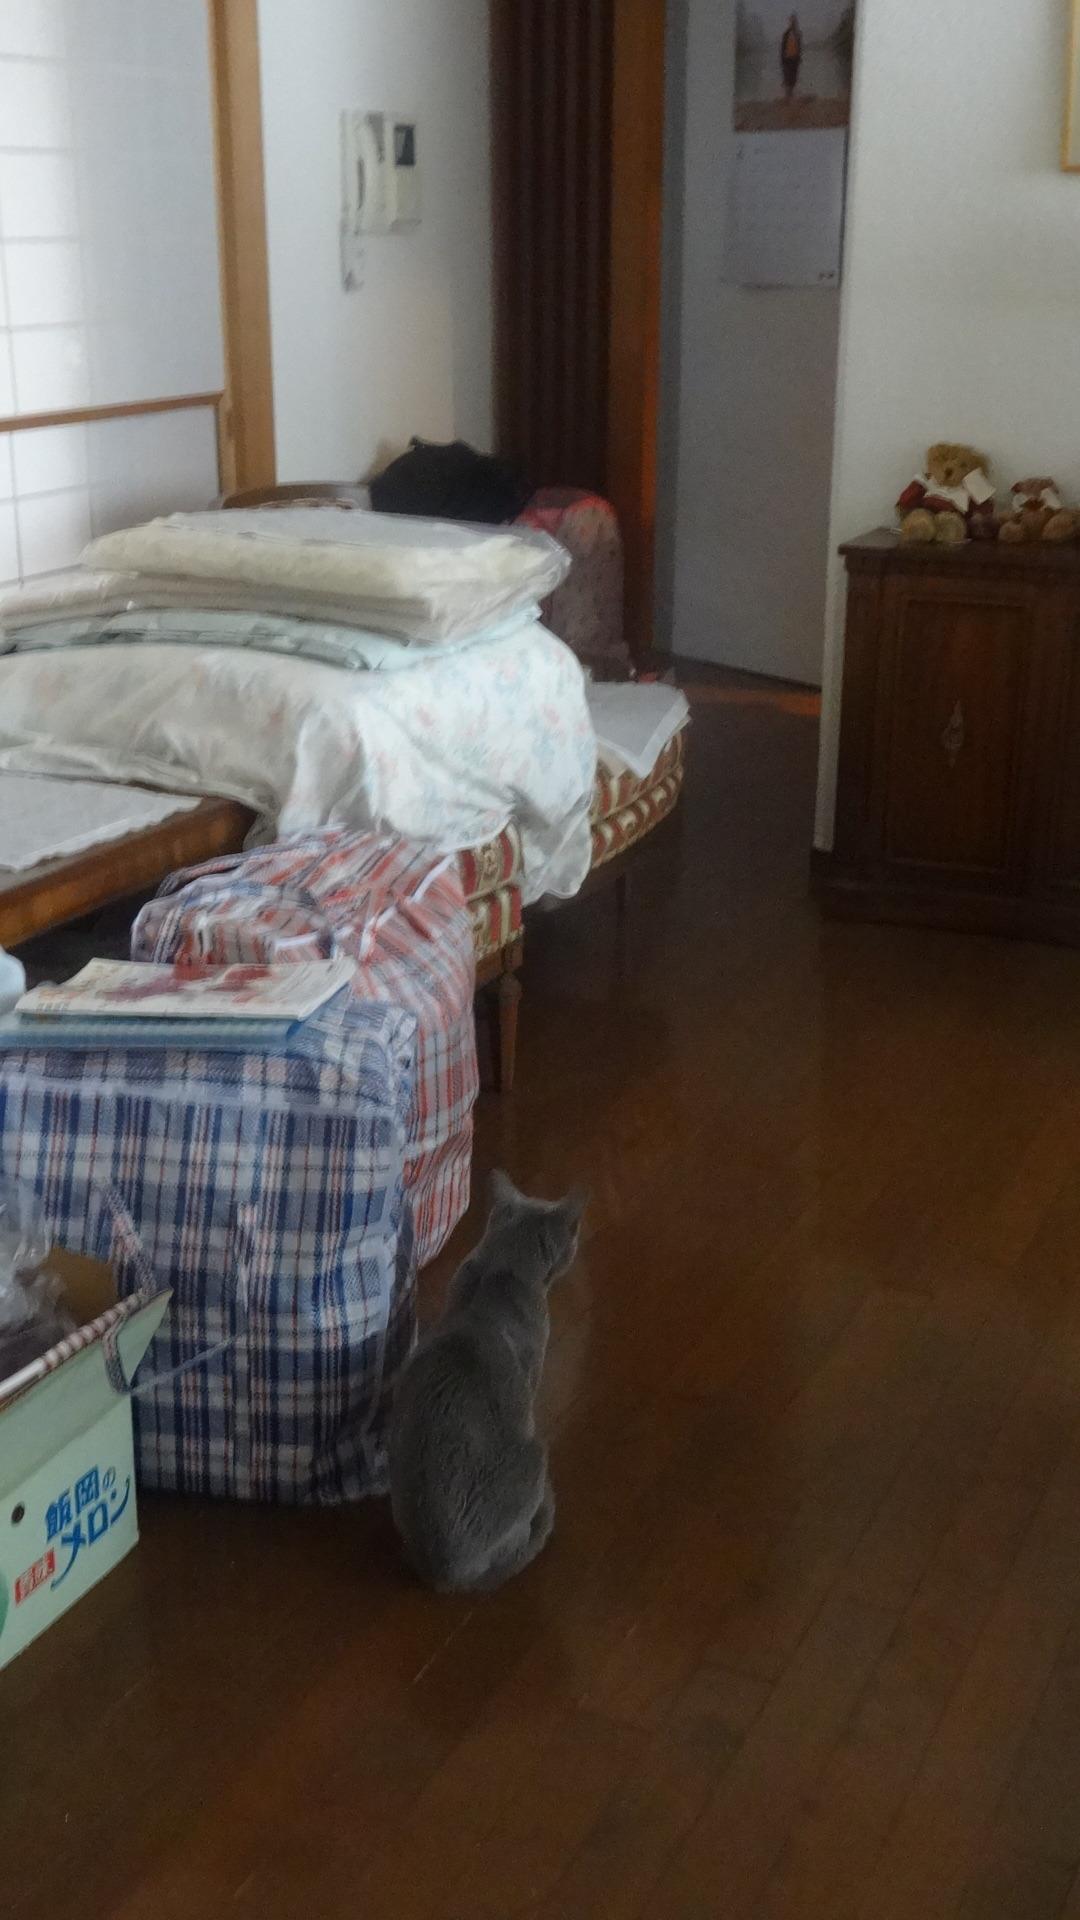 かつて自分が過ごしていた書き手の部屋をちょっと遠くから眺めるデイジー